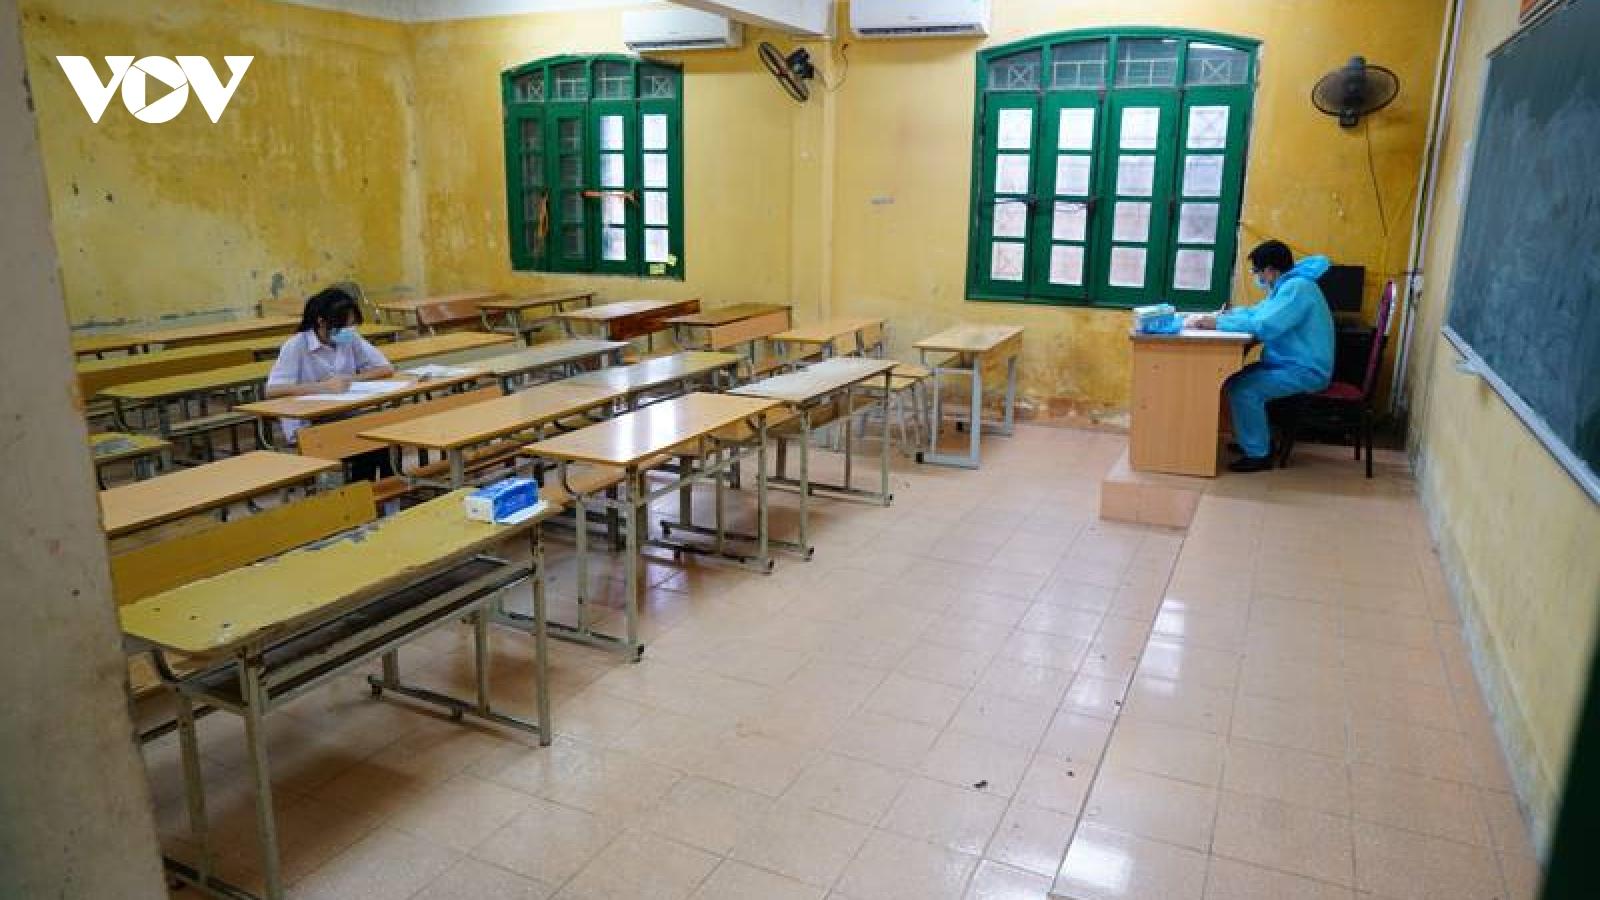 Thi vào 10 ở Hà Nội: Phòng thi đặc biệt chỉ có 1 thí sinh, giám thị mặc đồ bảo hộ